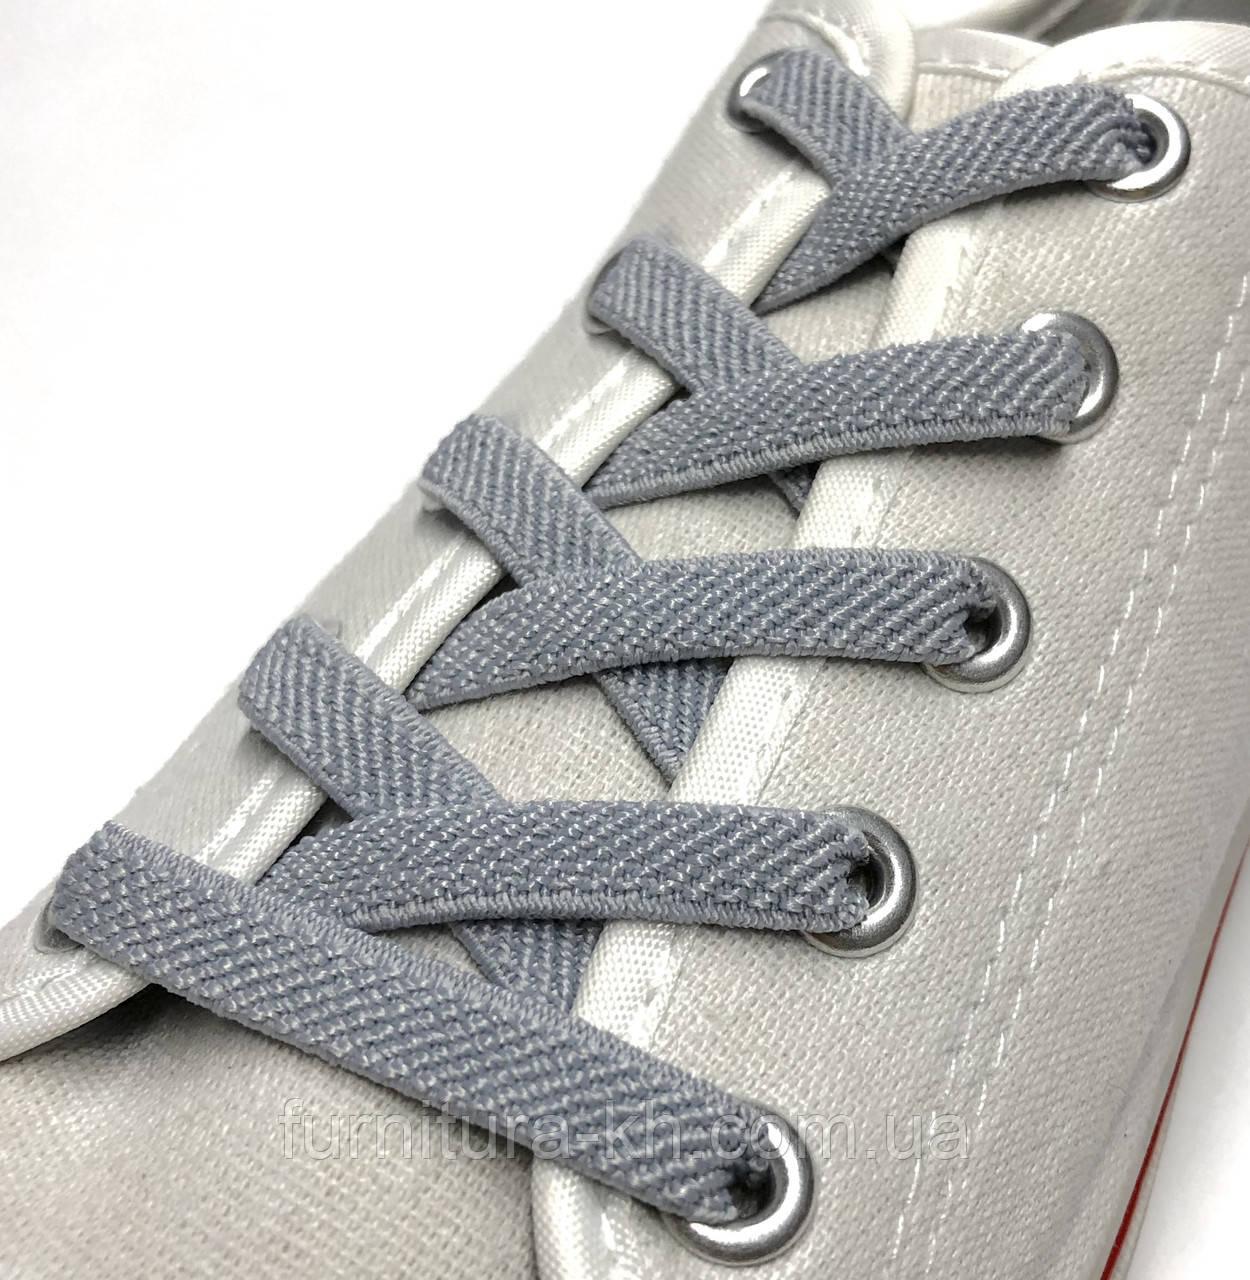 Шнурок Резиновый Плоский-Цвет Светло Серый (толщина 7 мм).Длинна 0,70 см